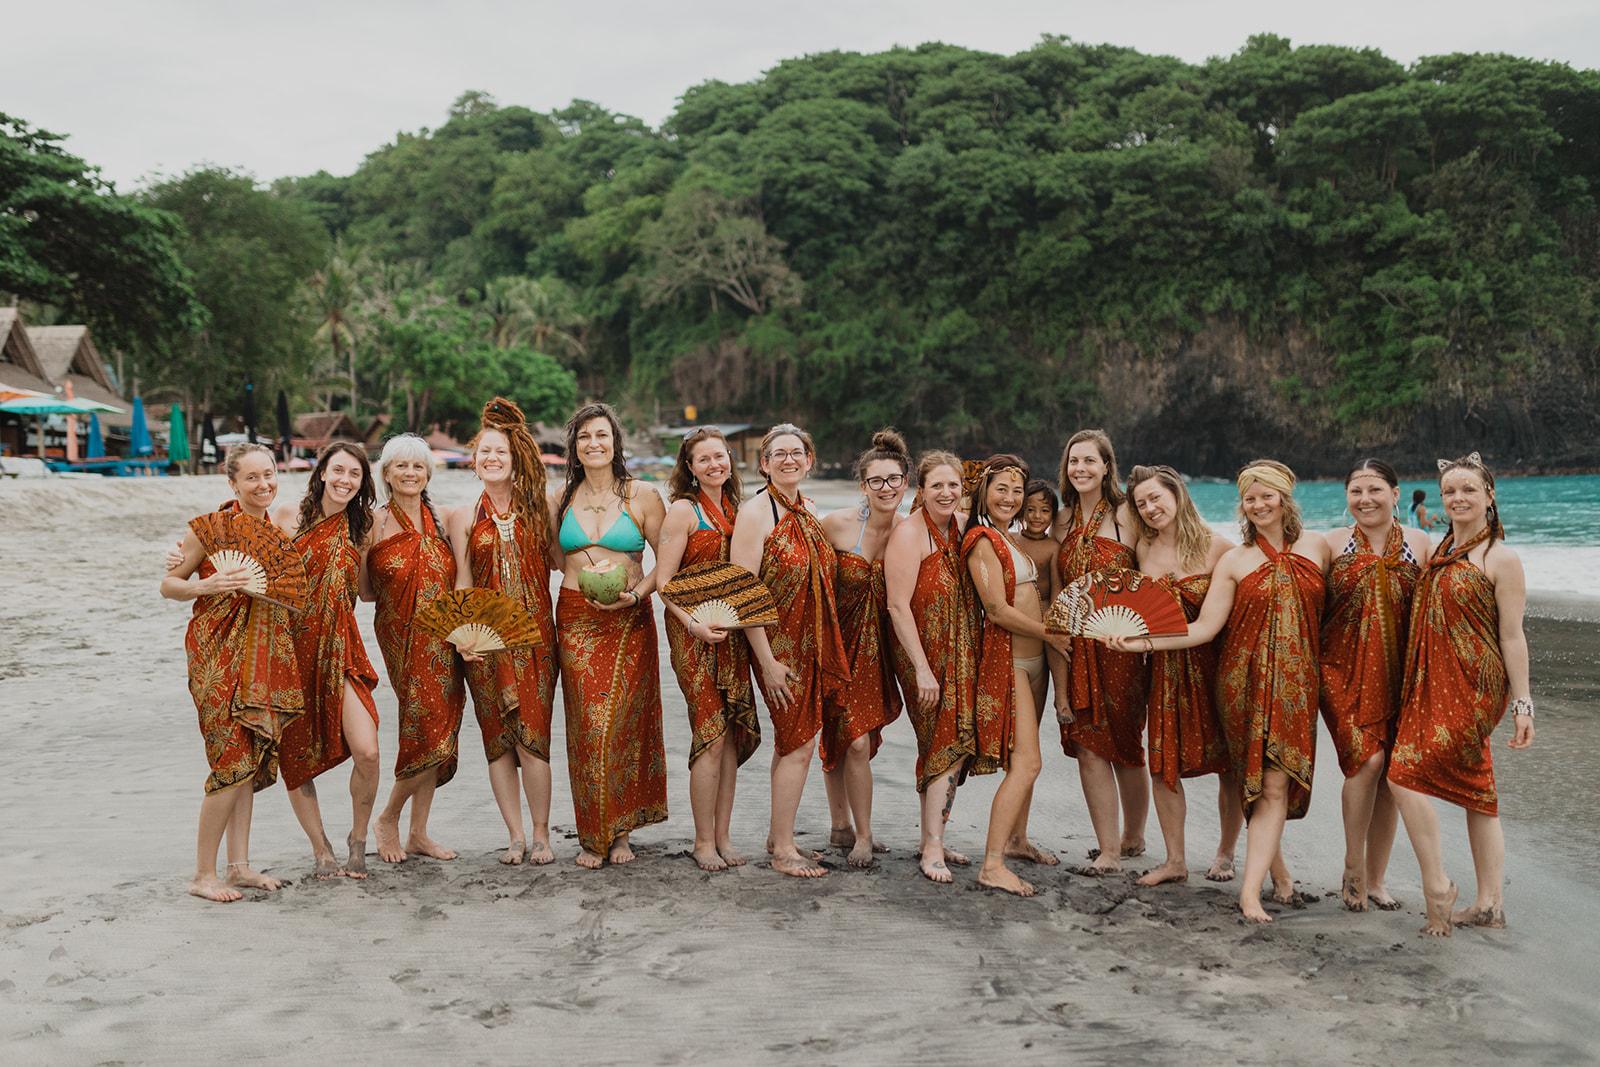 Beach Excursion Day, Bali Beauty that Transforms 2019